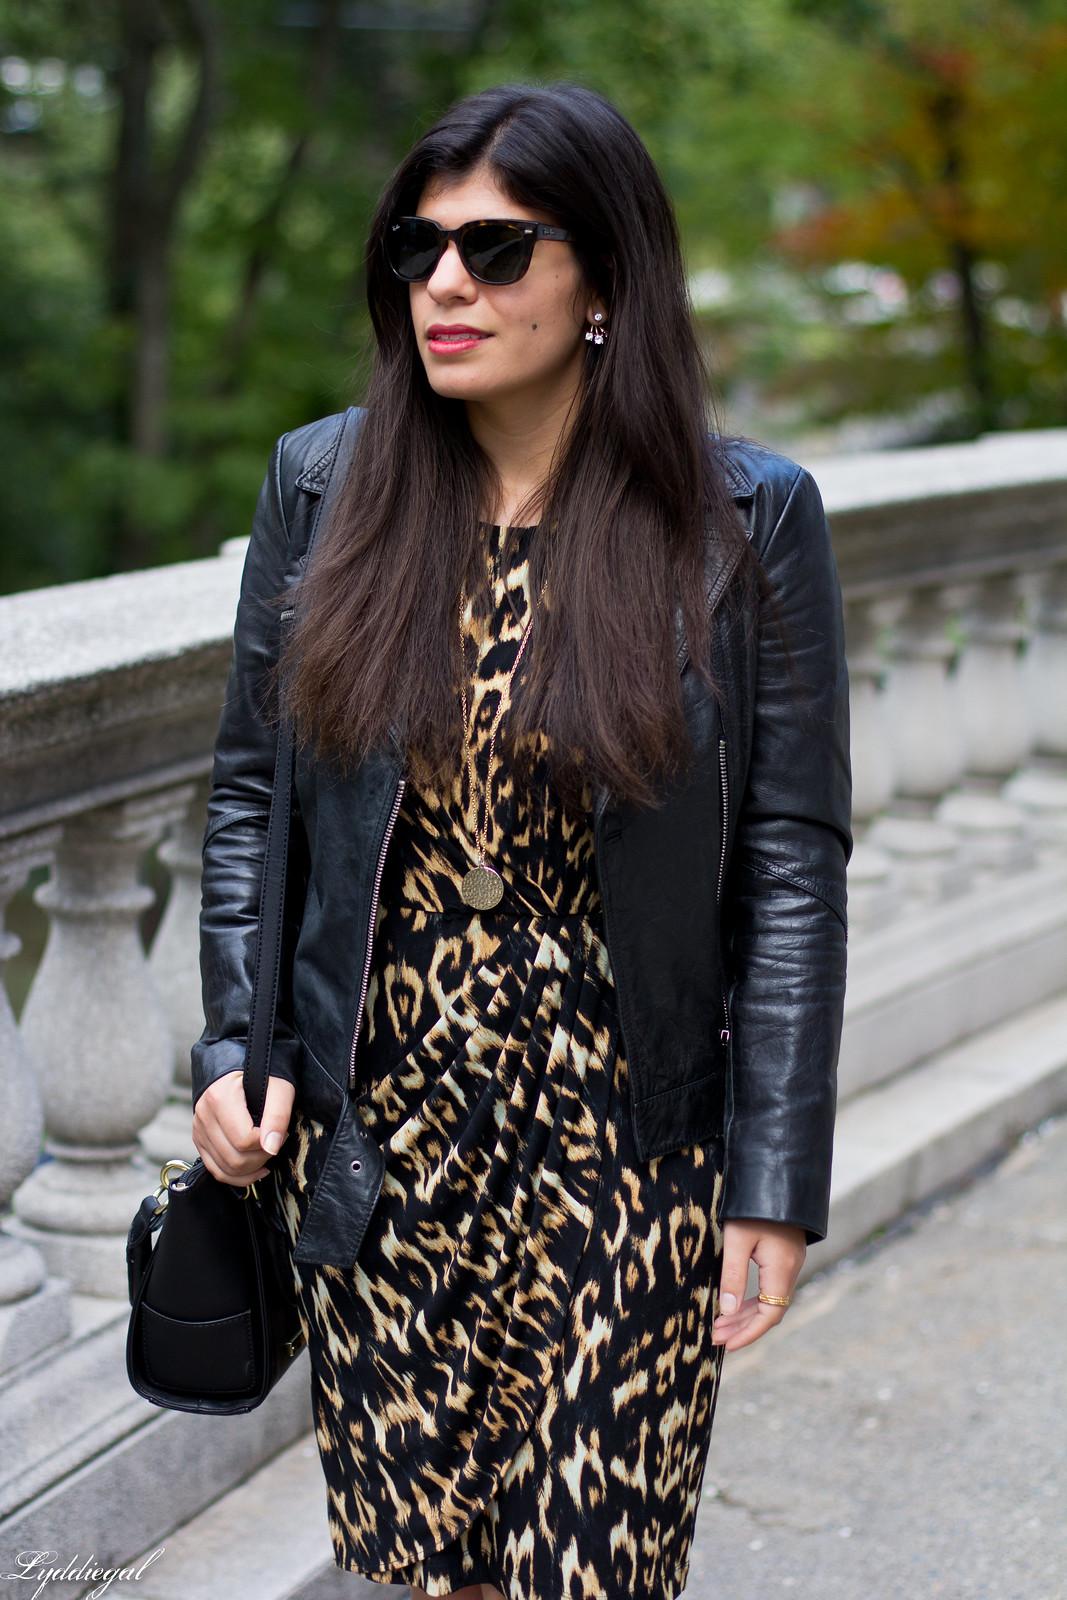 leopard dress, leather moto jacket, strappy heels-4.jpg